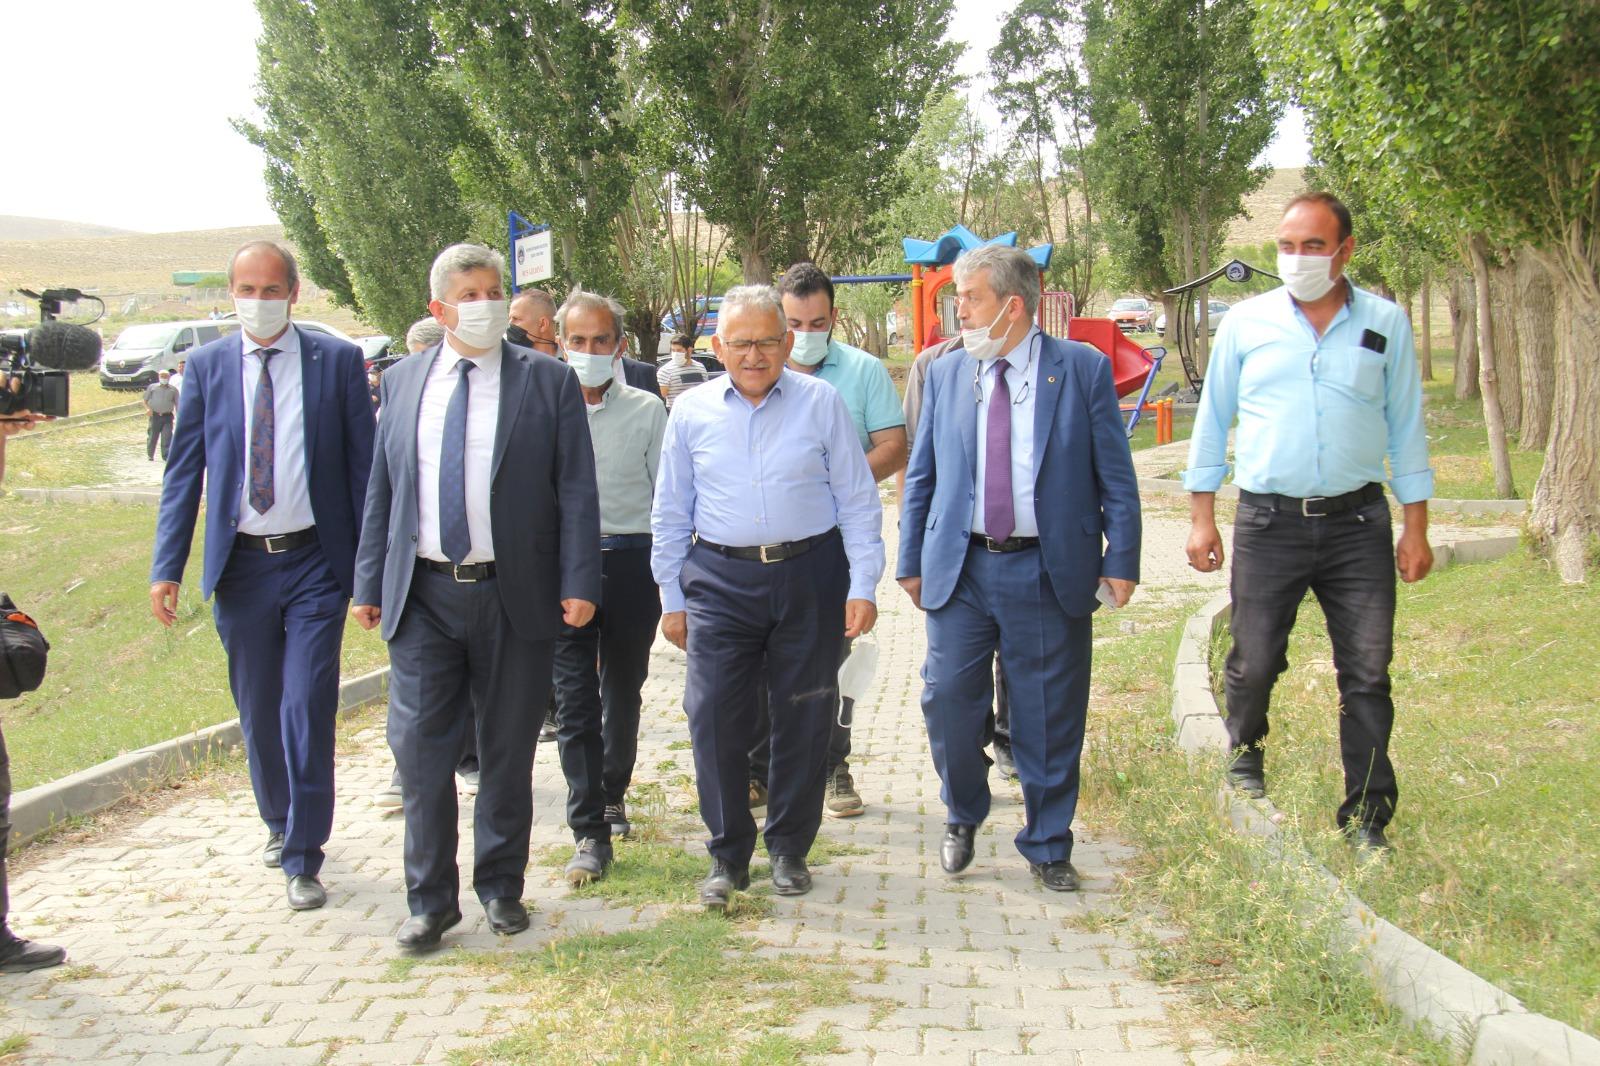 Elbaşı ve Karatay mahallelerine ziyaret gerçekleştirildi